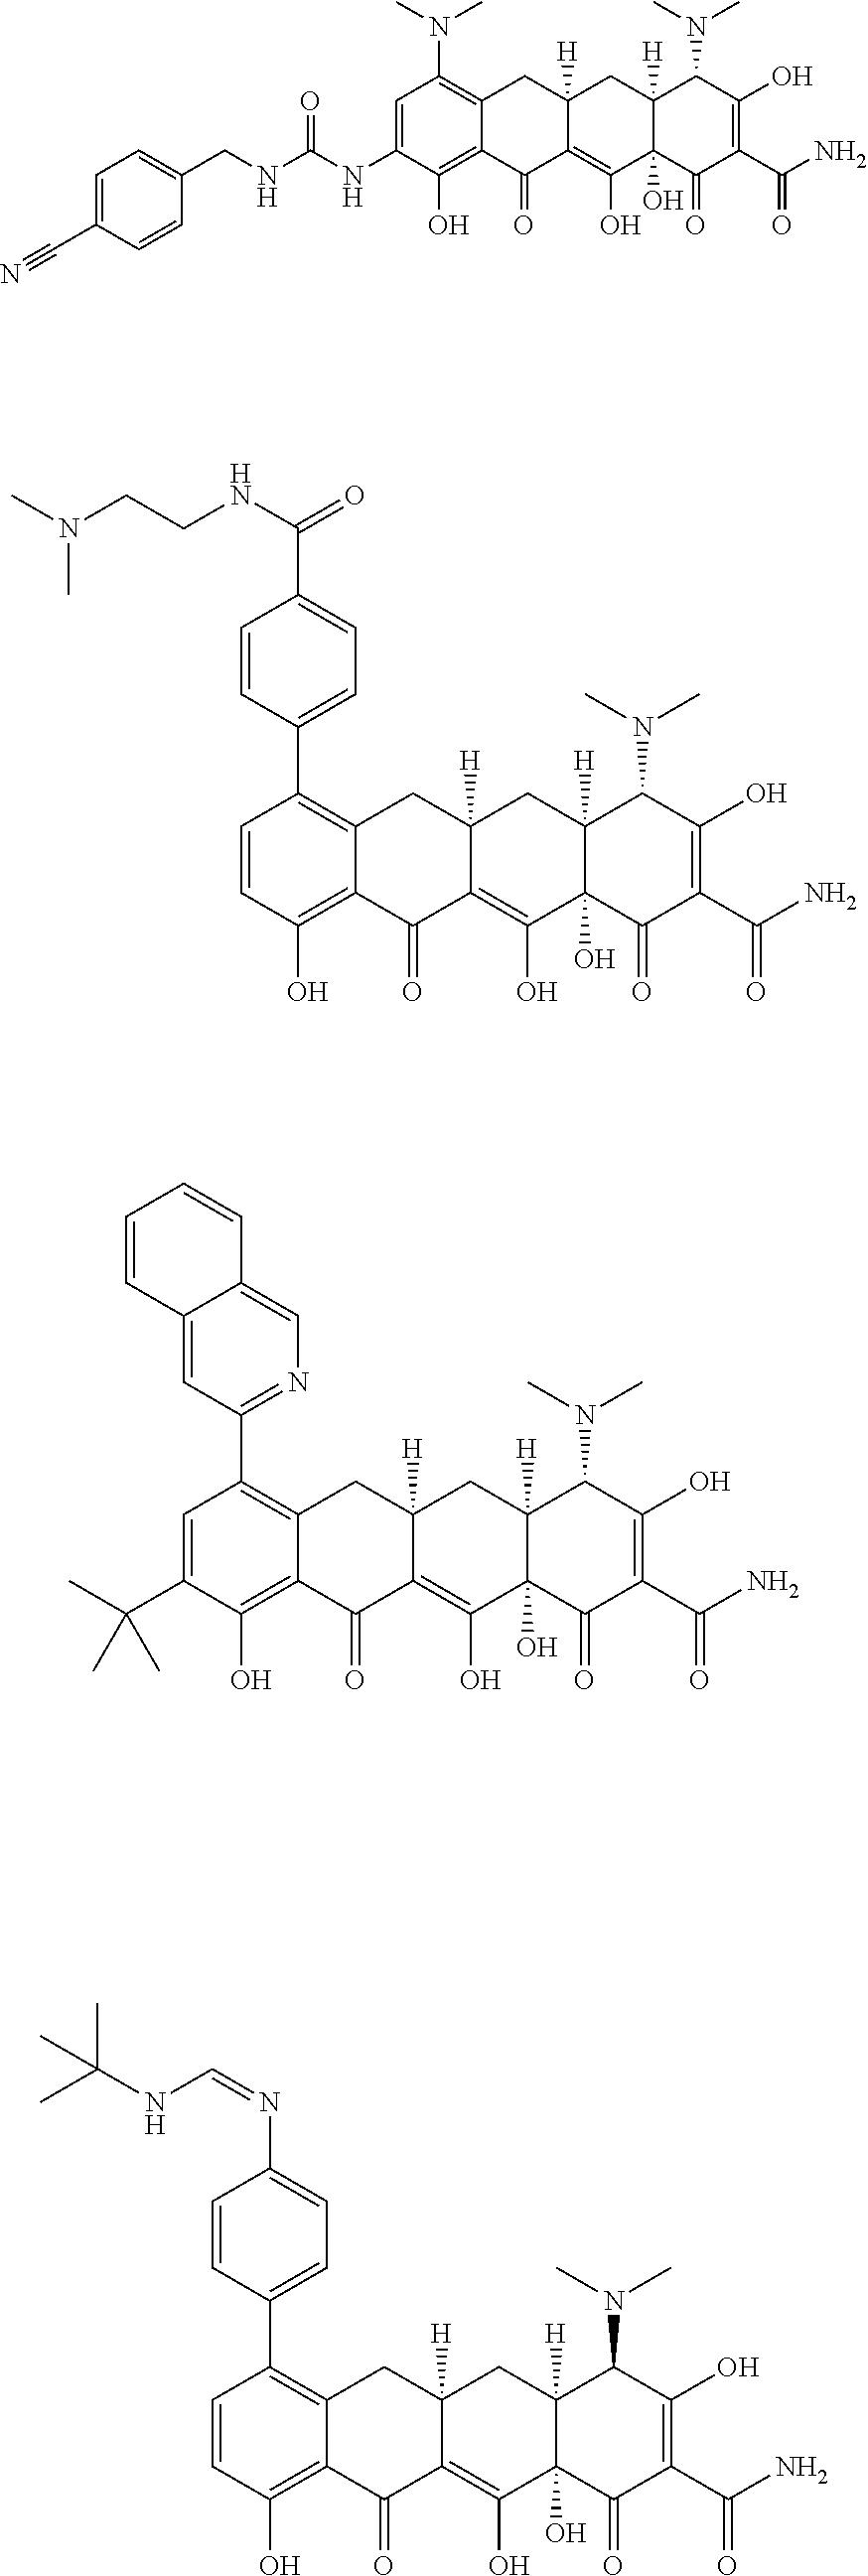 Figure US09562003-20170207-C00013